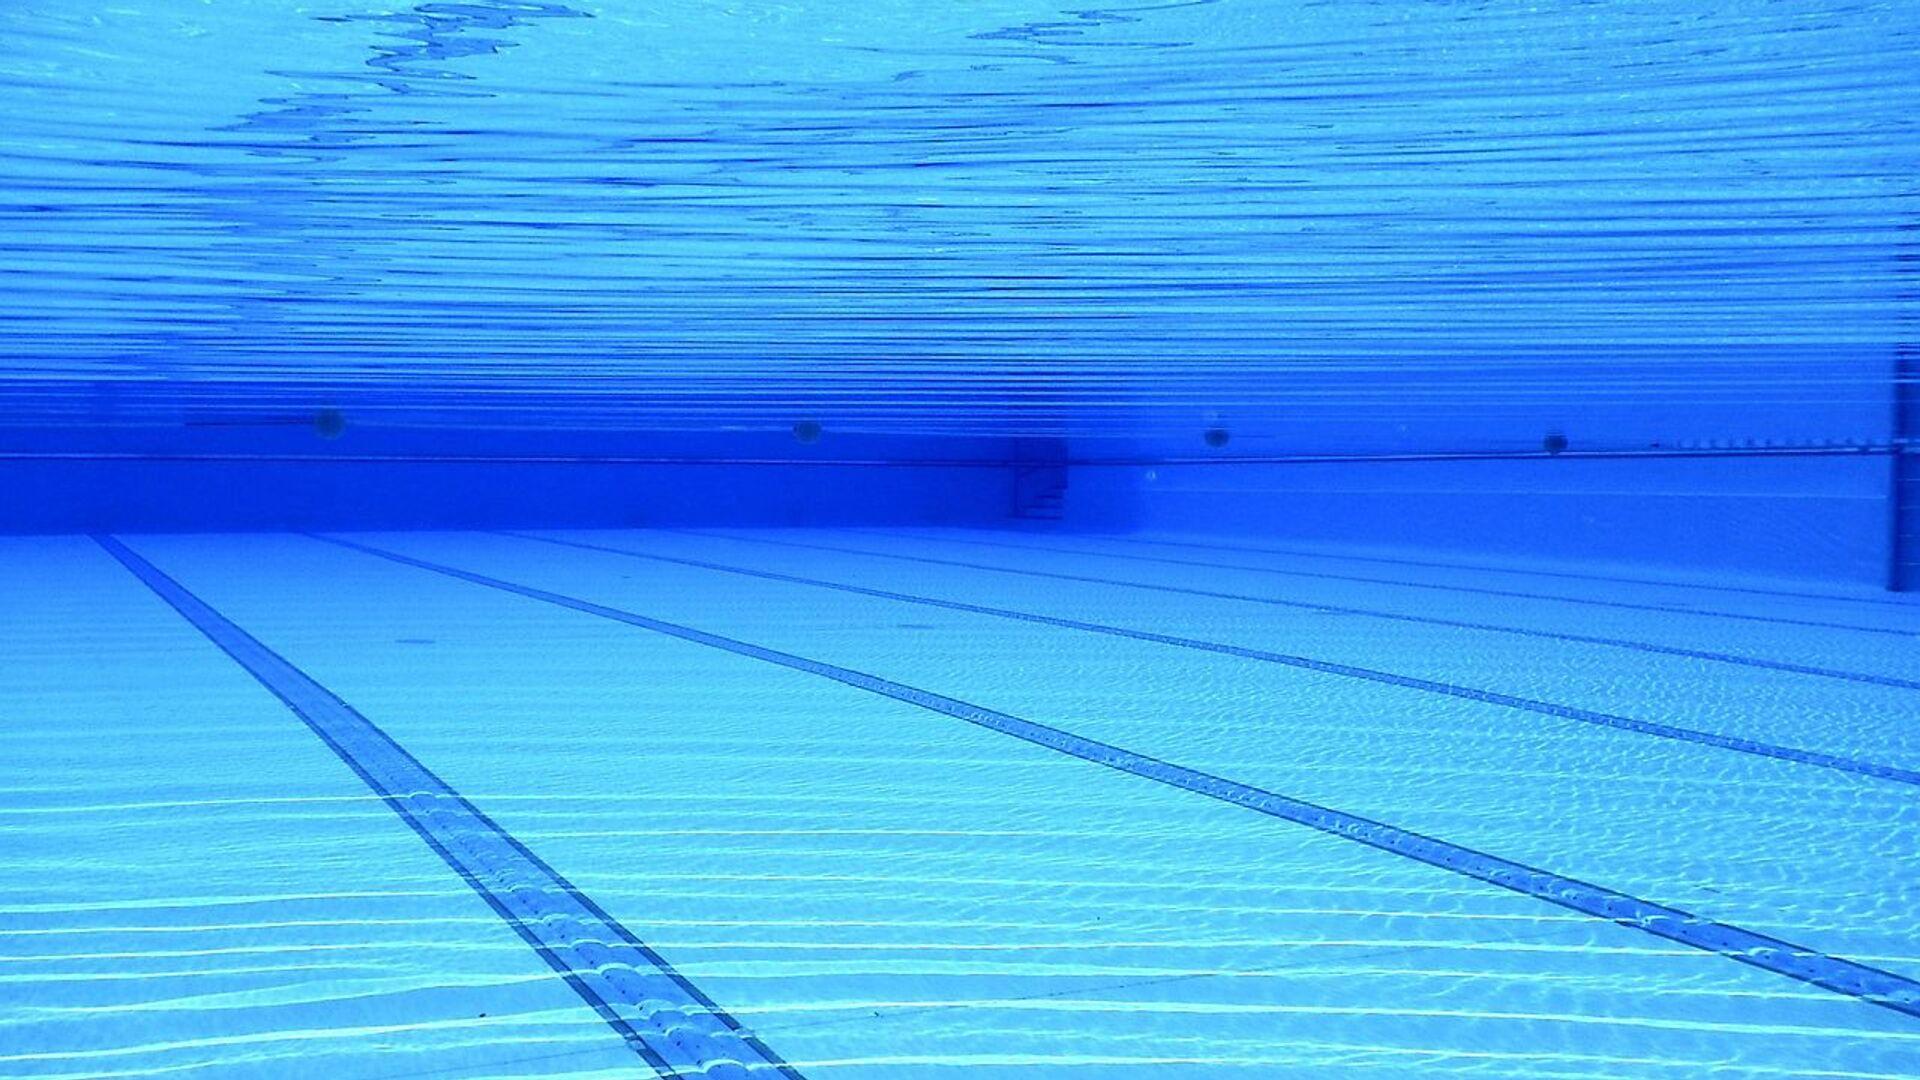 Πισίνα - Sputnik Ελλάδα, 1920, 13.09.2021